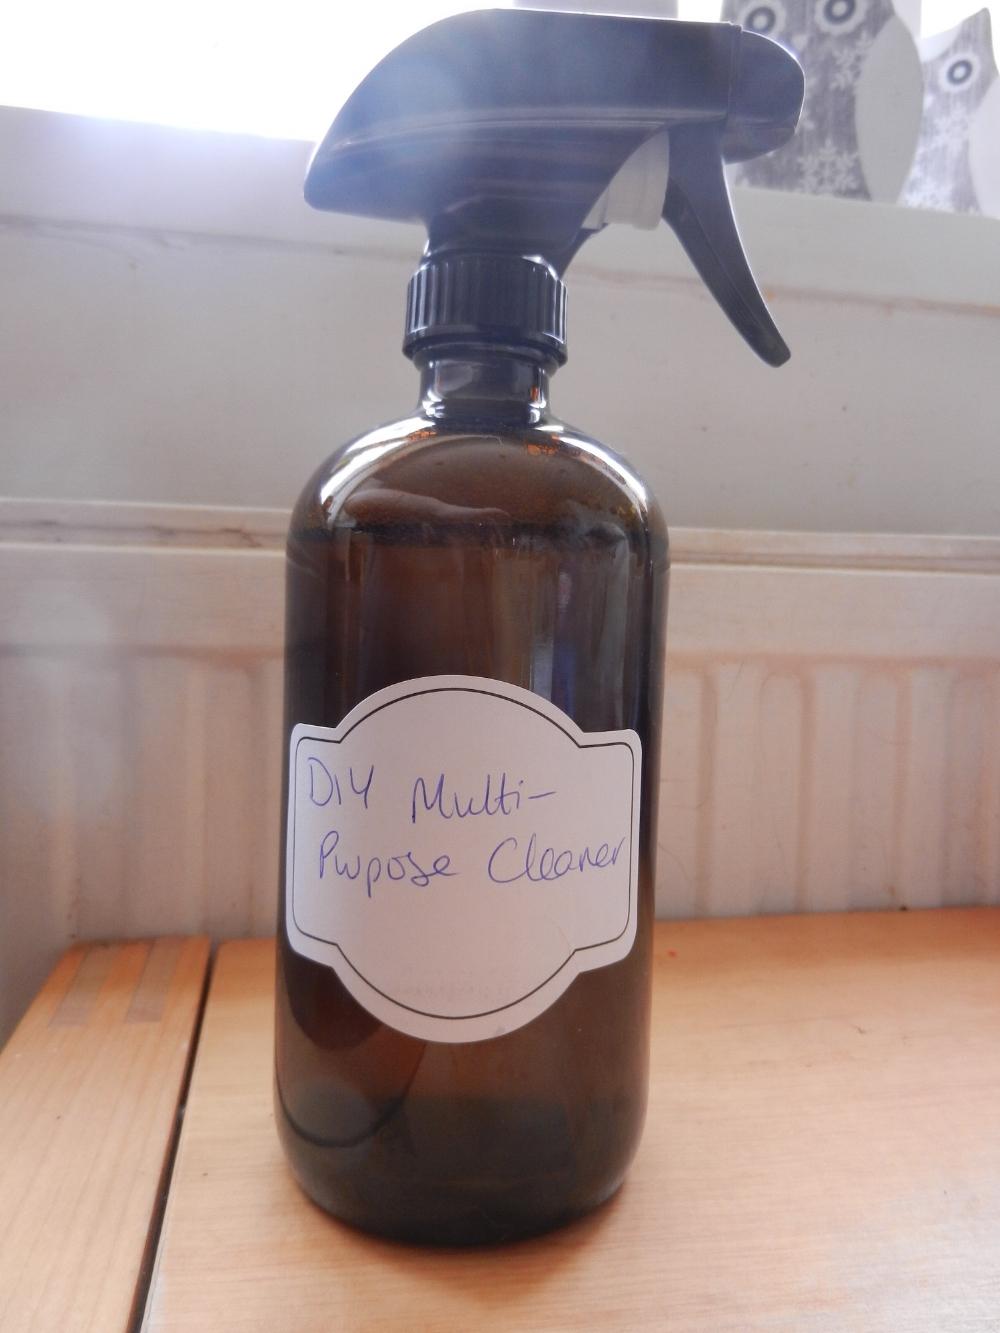 bottle of homemade household multipurpose cleaner